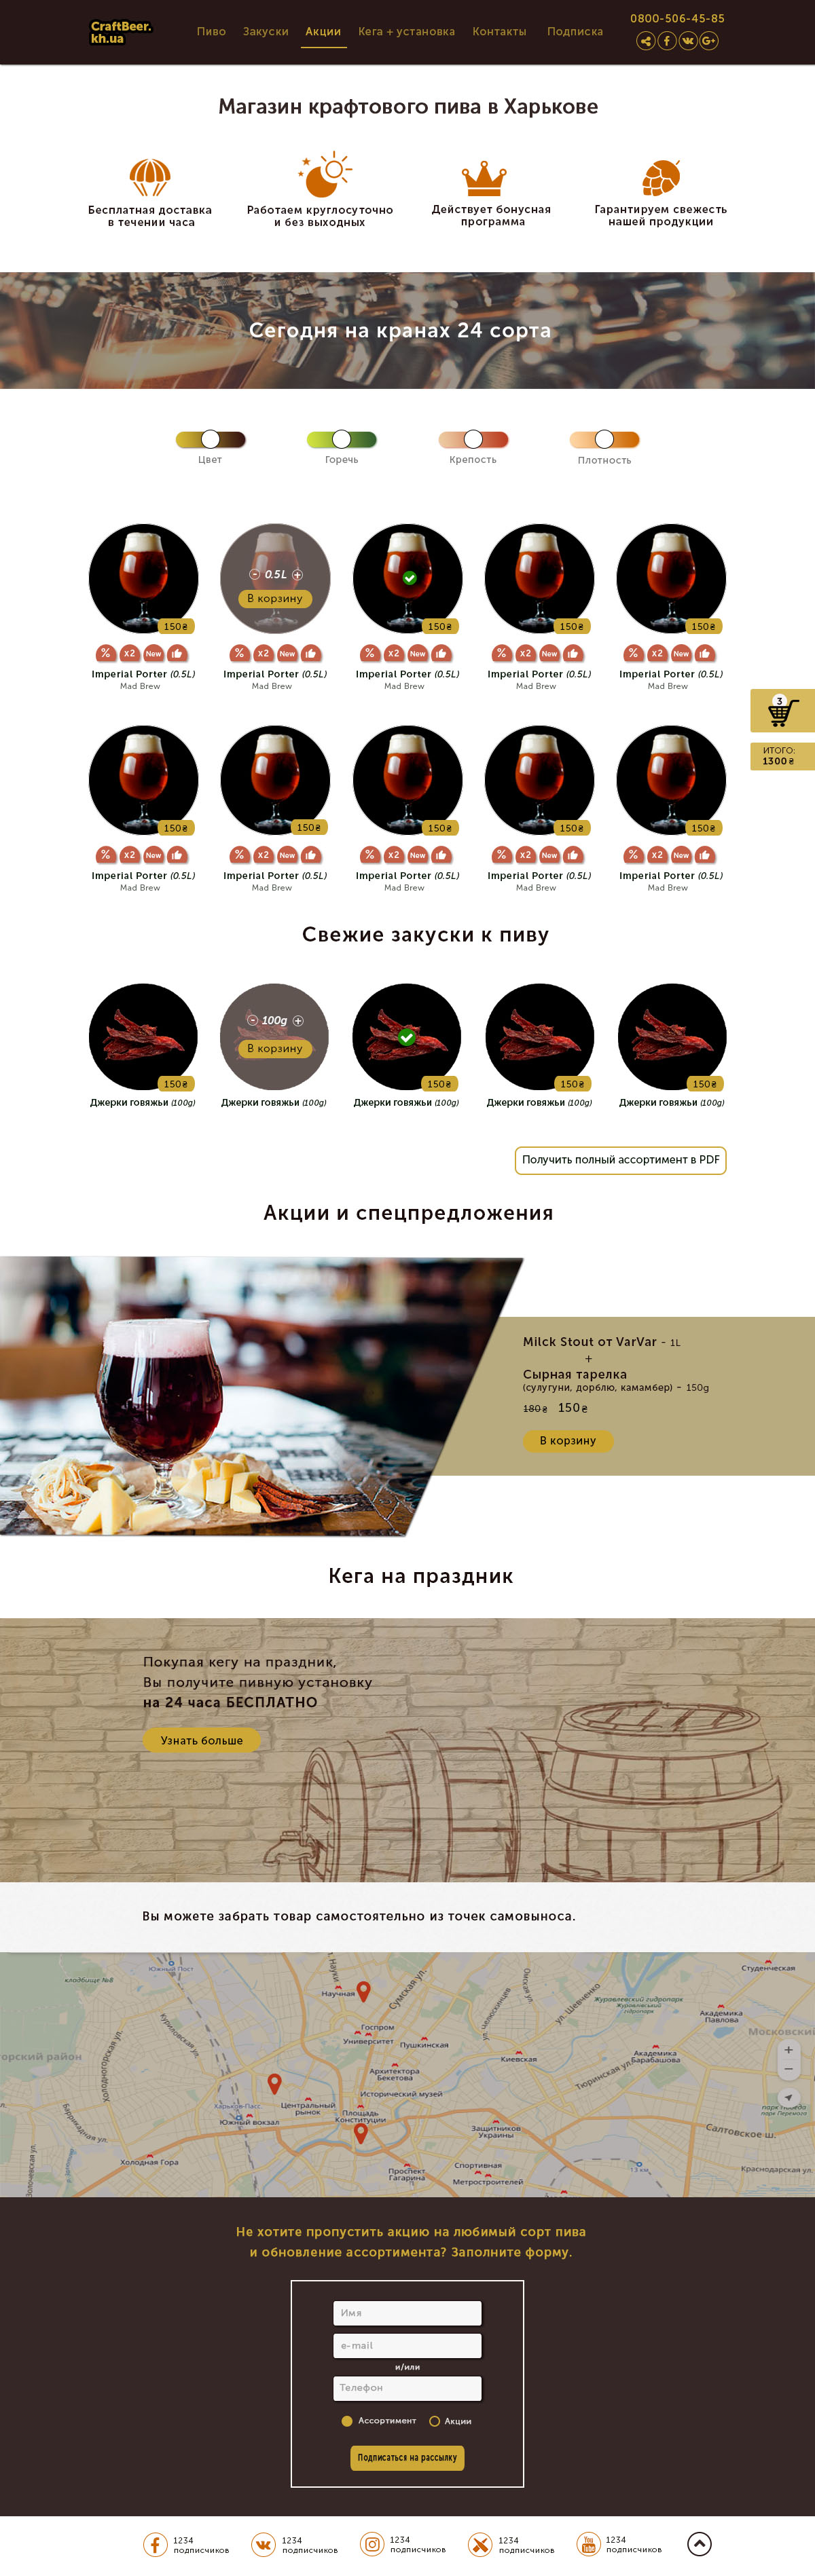 Дизайн лендинга, + страница Бонусов, + модальные окна фото f_8795a5d12c380b31.jpg